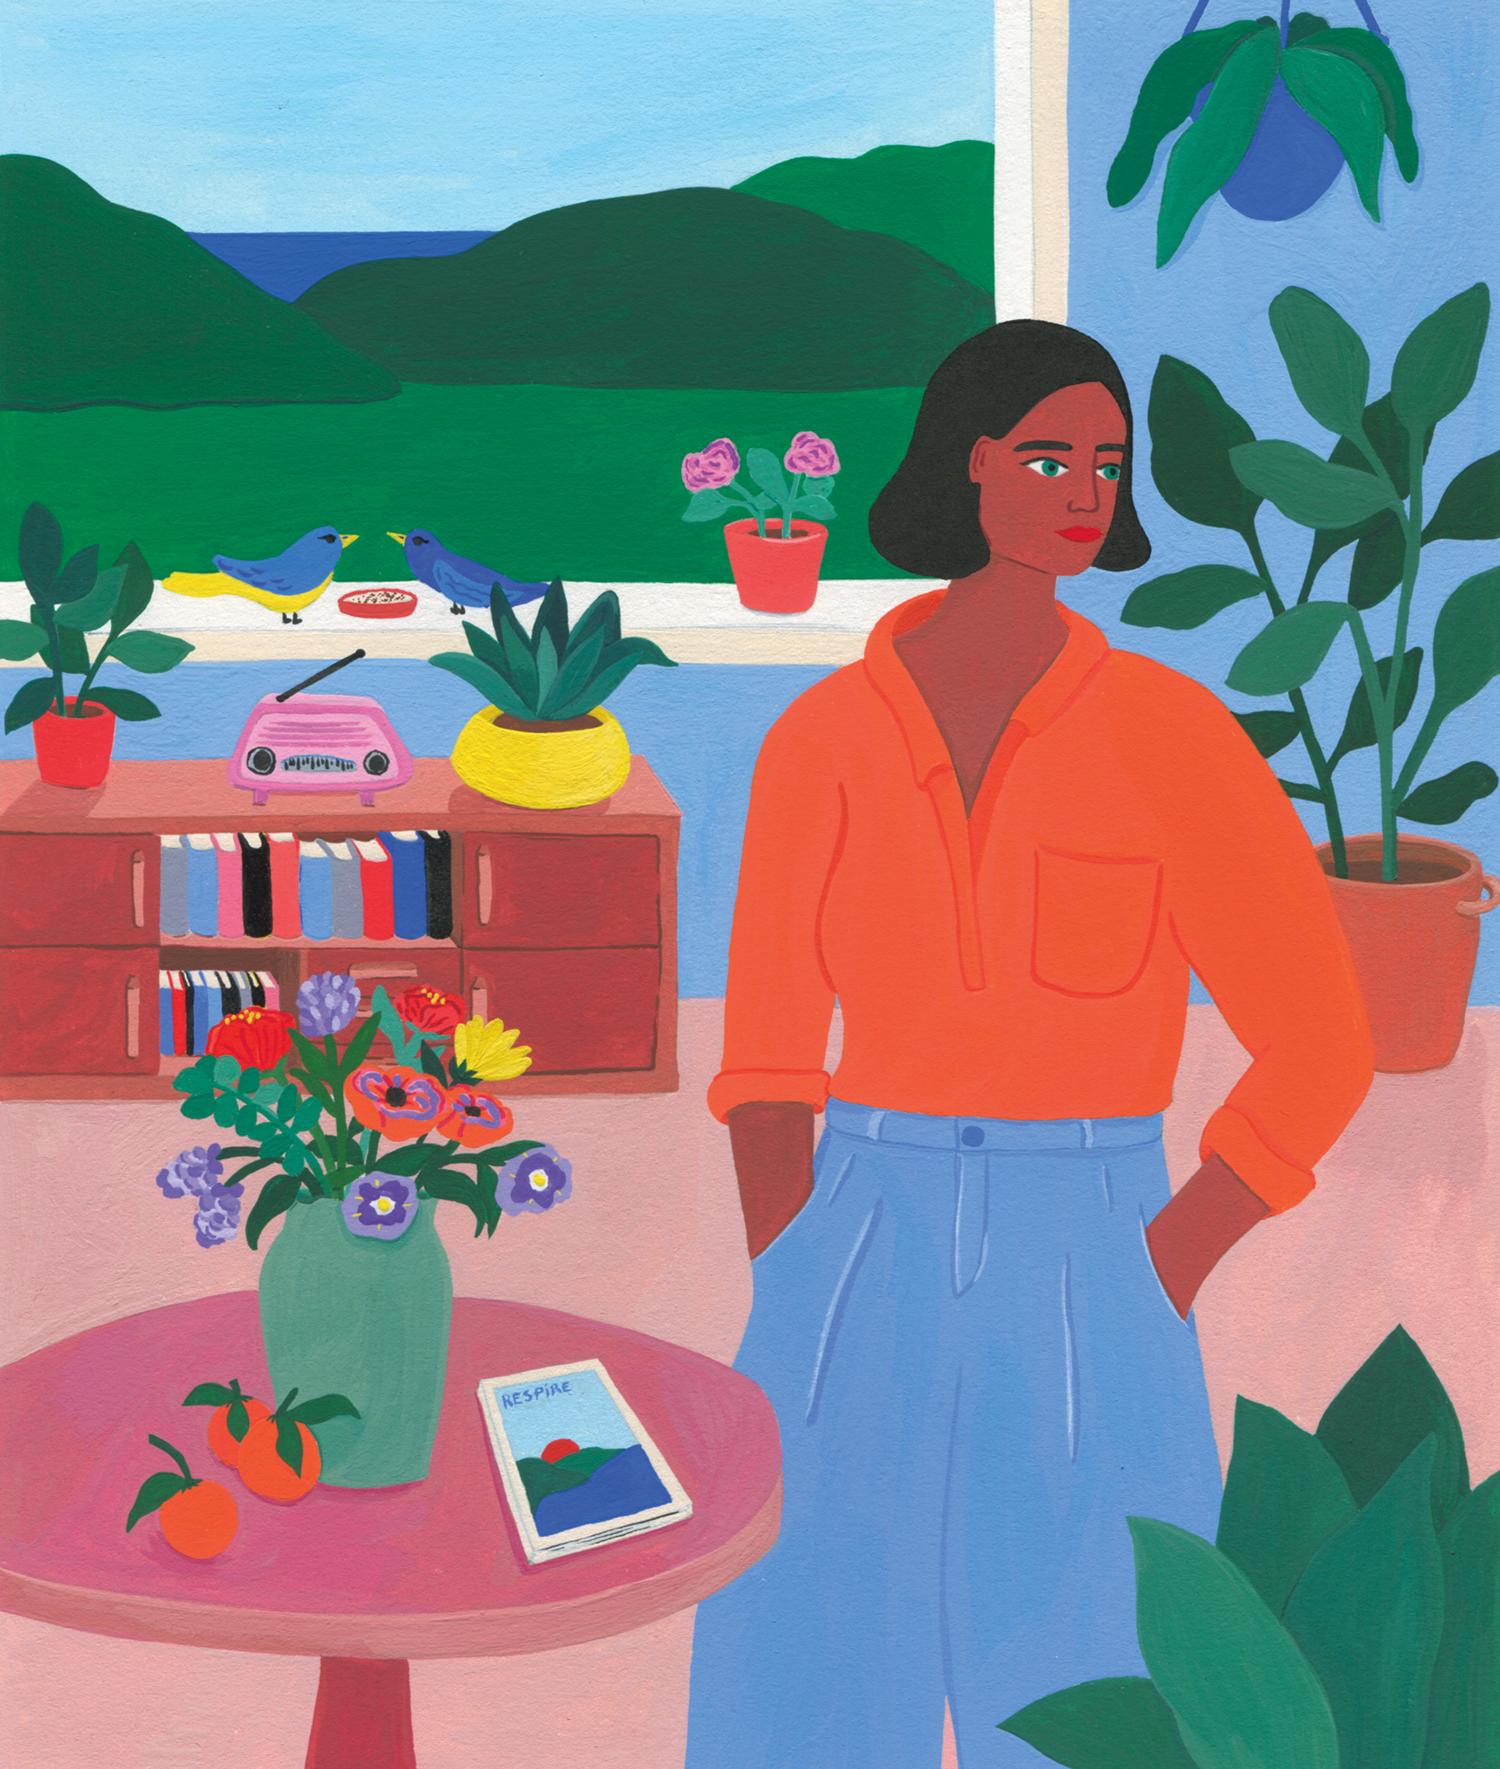 Respire - Edition - illustration - Marie Pellet - presse - éditorial - couverture - Une - printemps - nature - femme - plantes - fleurs - oiseaux - gouache - peinture - dessin